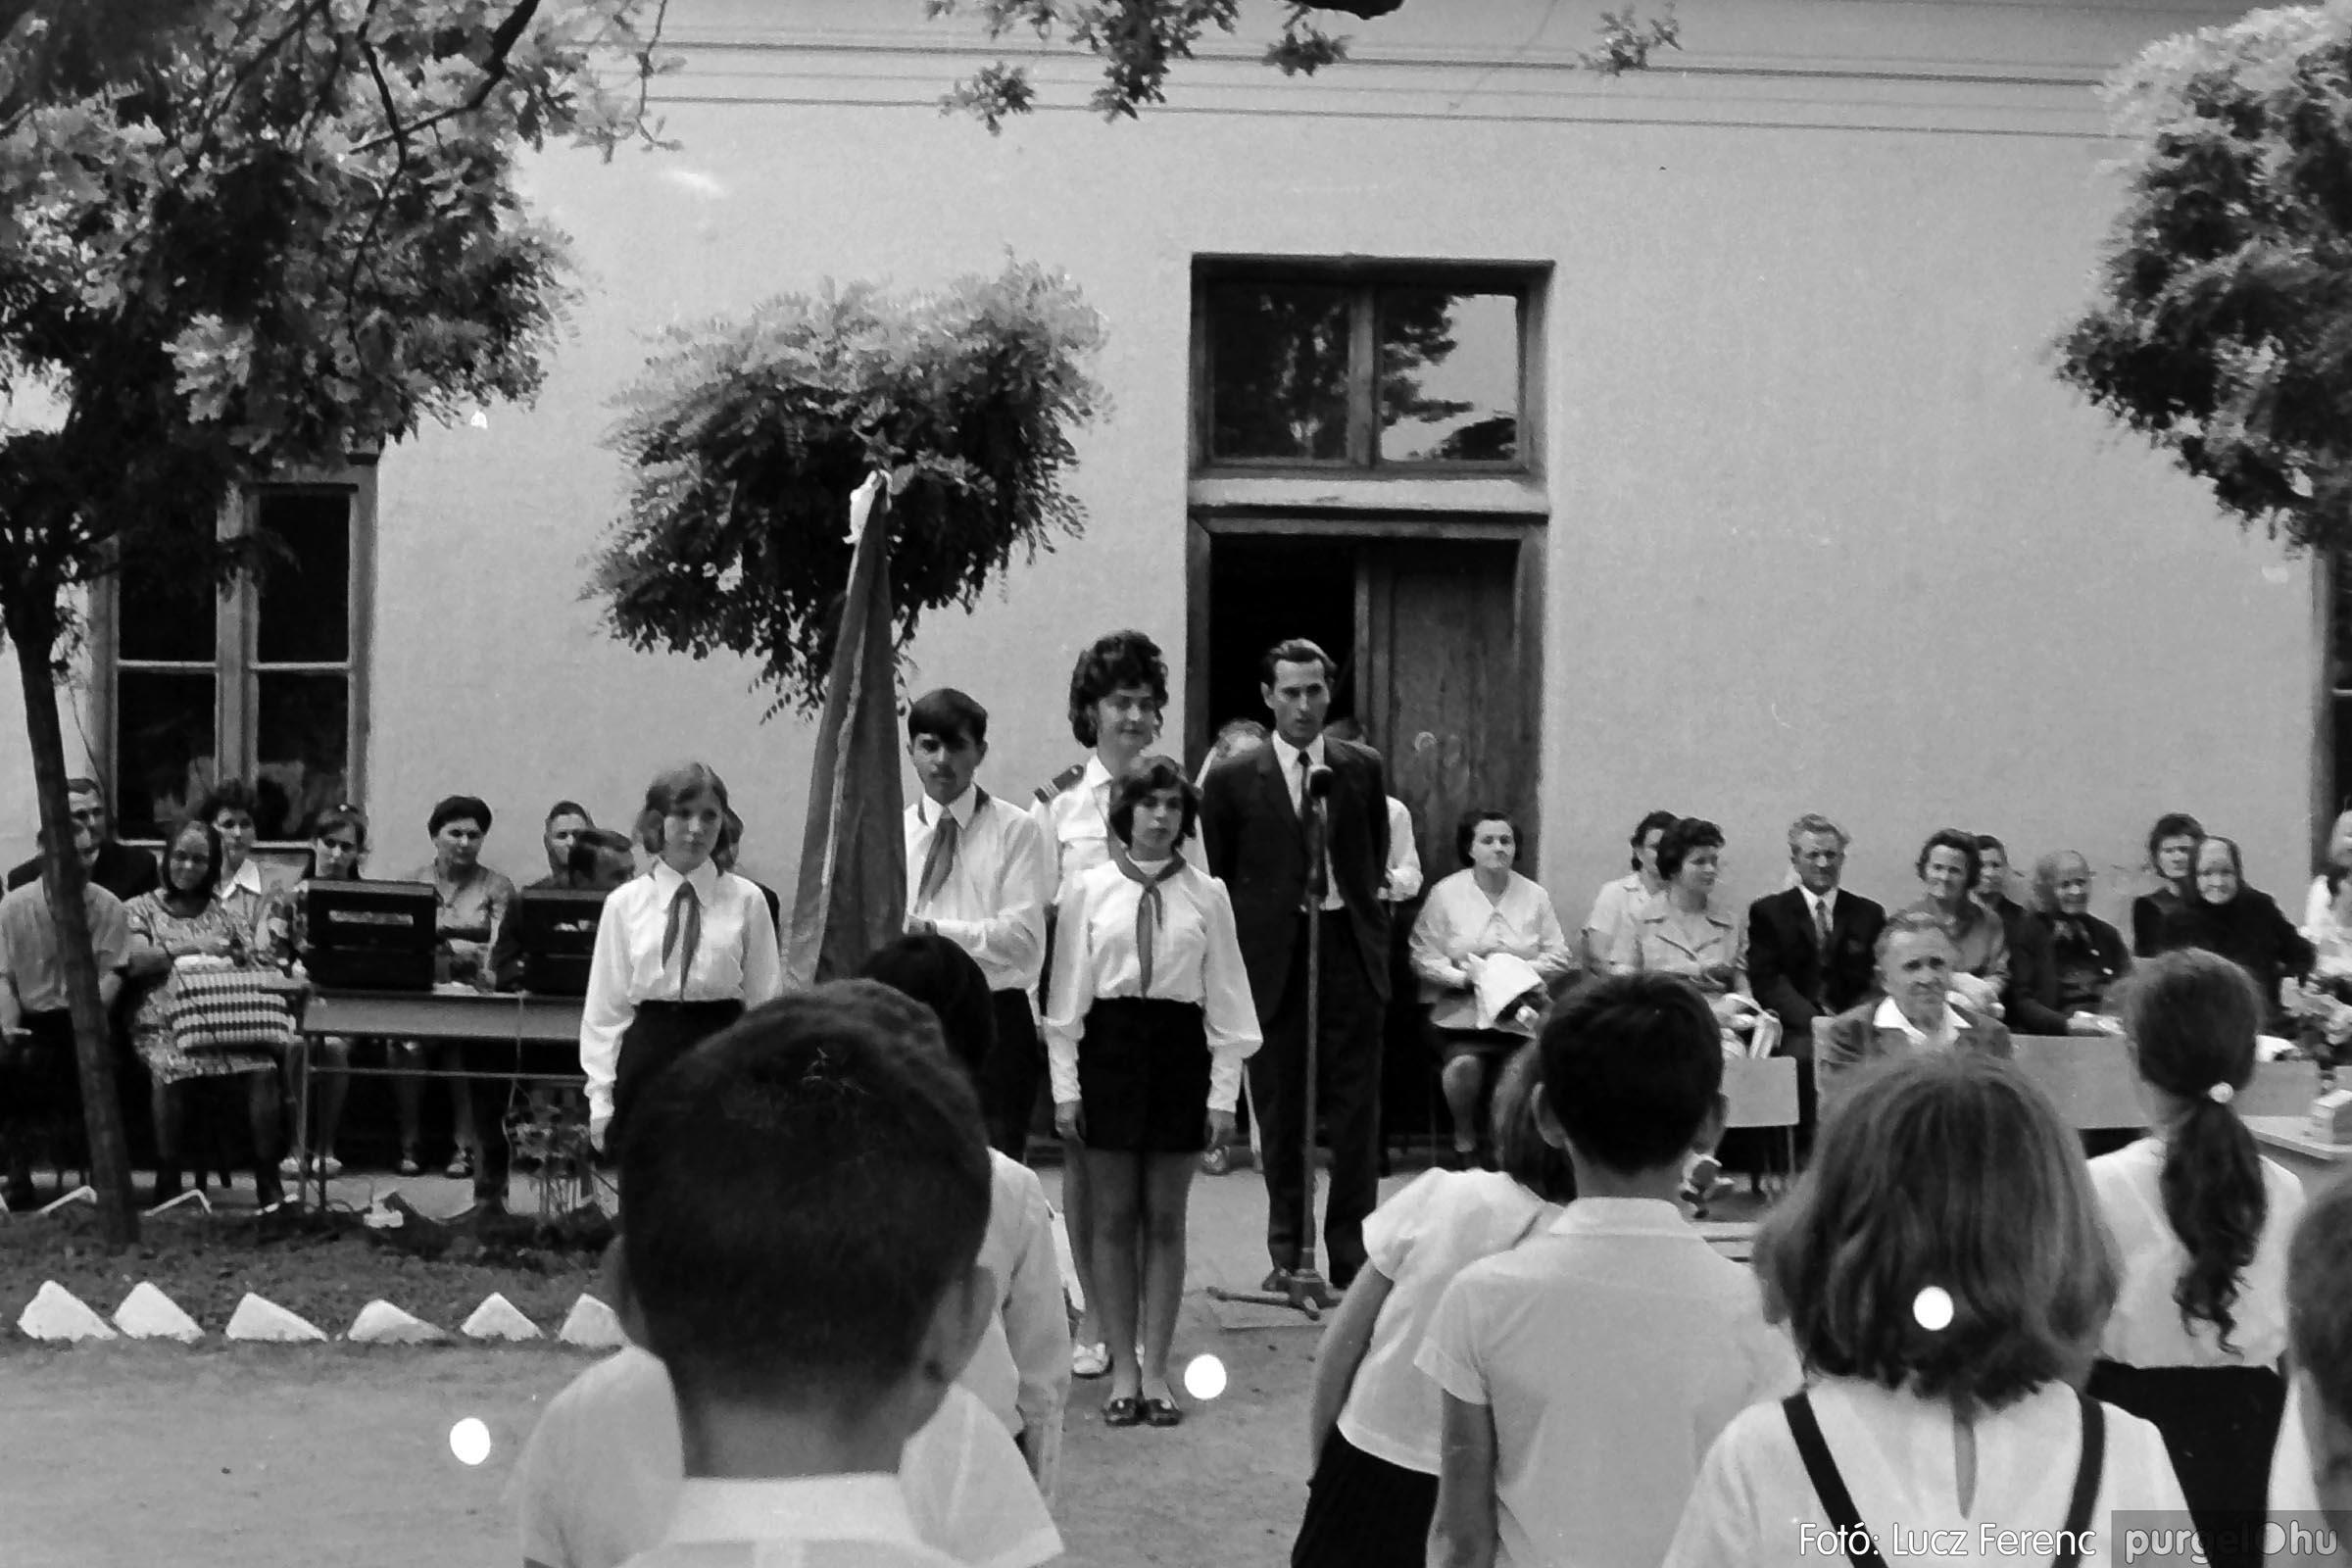 001 1972.05.27. Ballagás a szegvári iskolában 017 - Fotó: Lucz Ferenc - IMG01074q.jpg